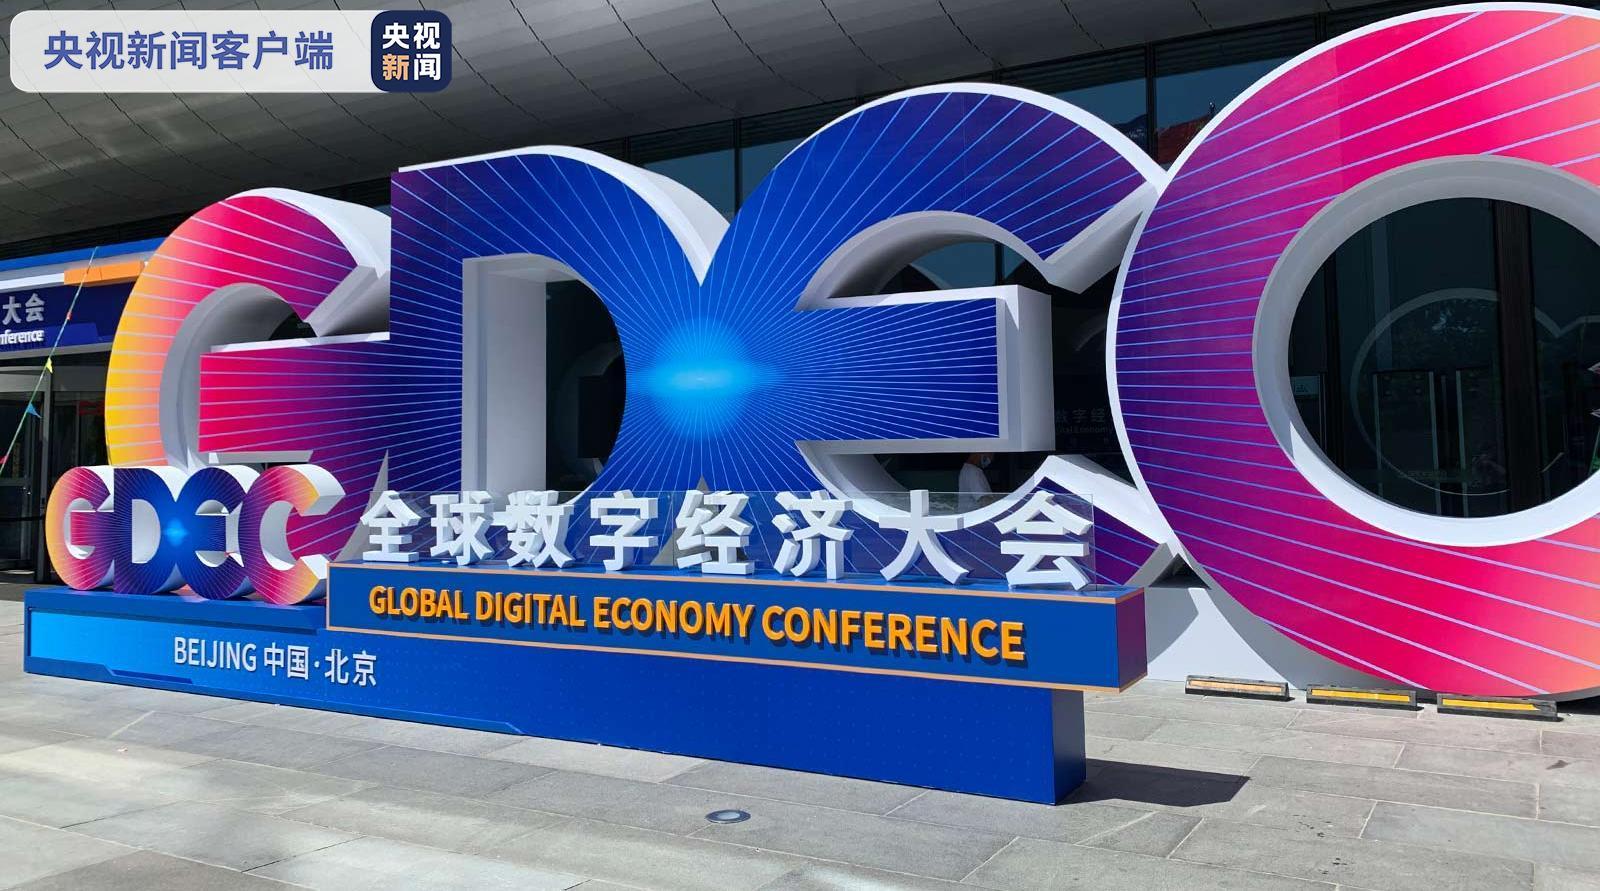 2021全球数字经济大会将于今天下午开幕